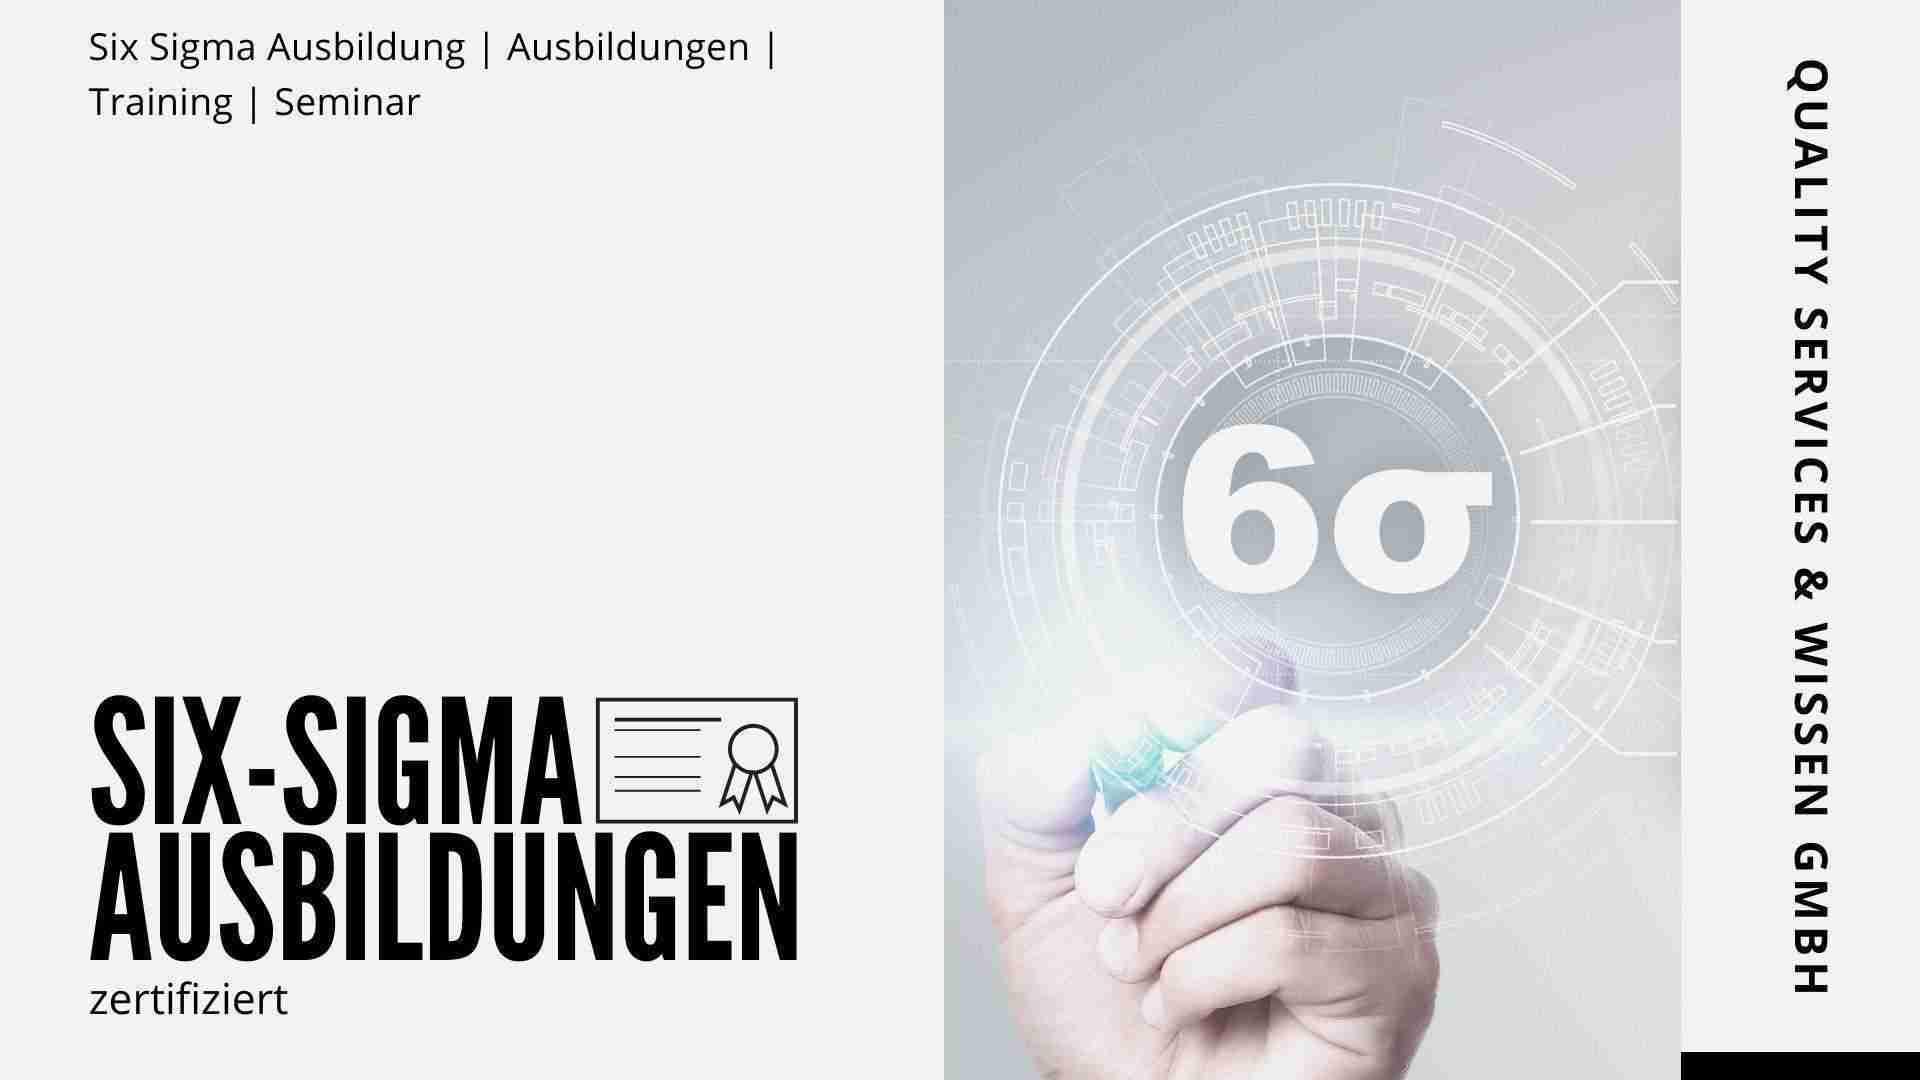 https://www.quality.de/wp-content/uploads/2020/10/six-sigma-ausbildung-ausbildungen-training-seminar-zertifiziert.jpg